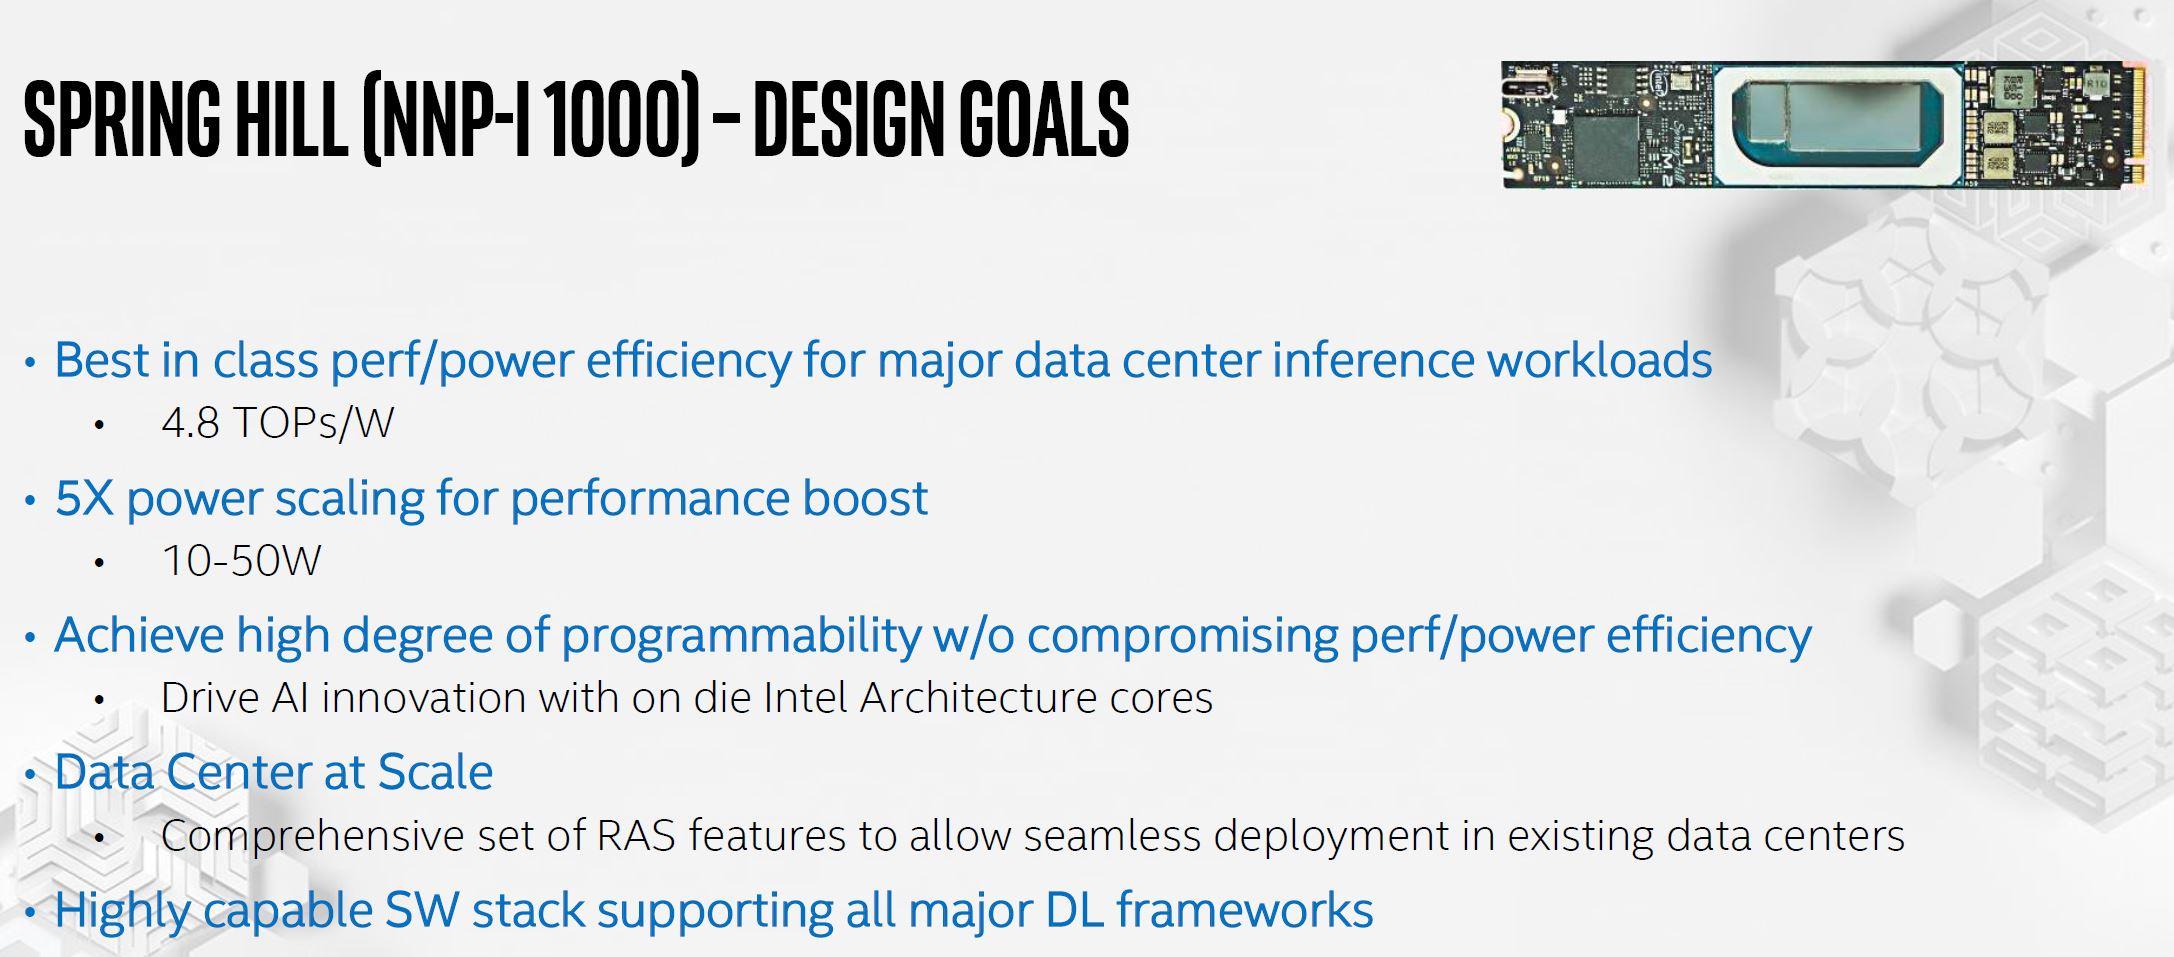 Intel NNP I 1000 Spring Hill Goals